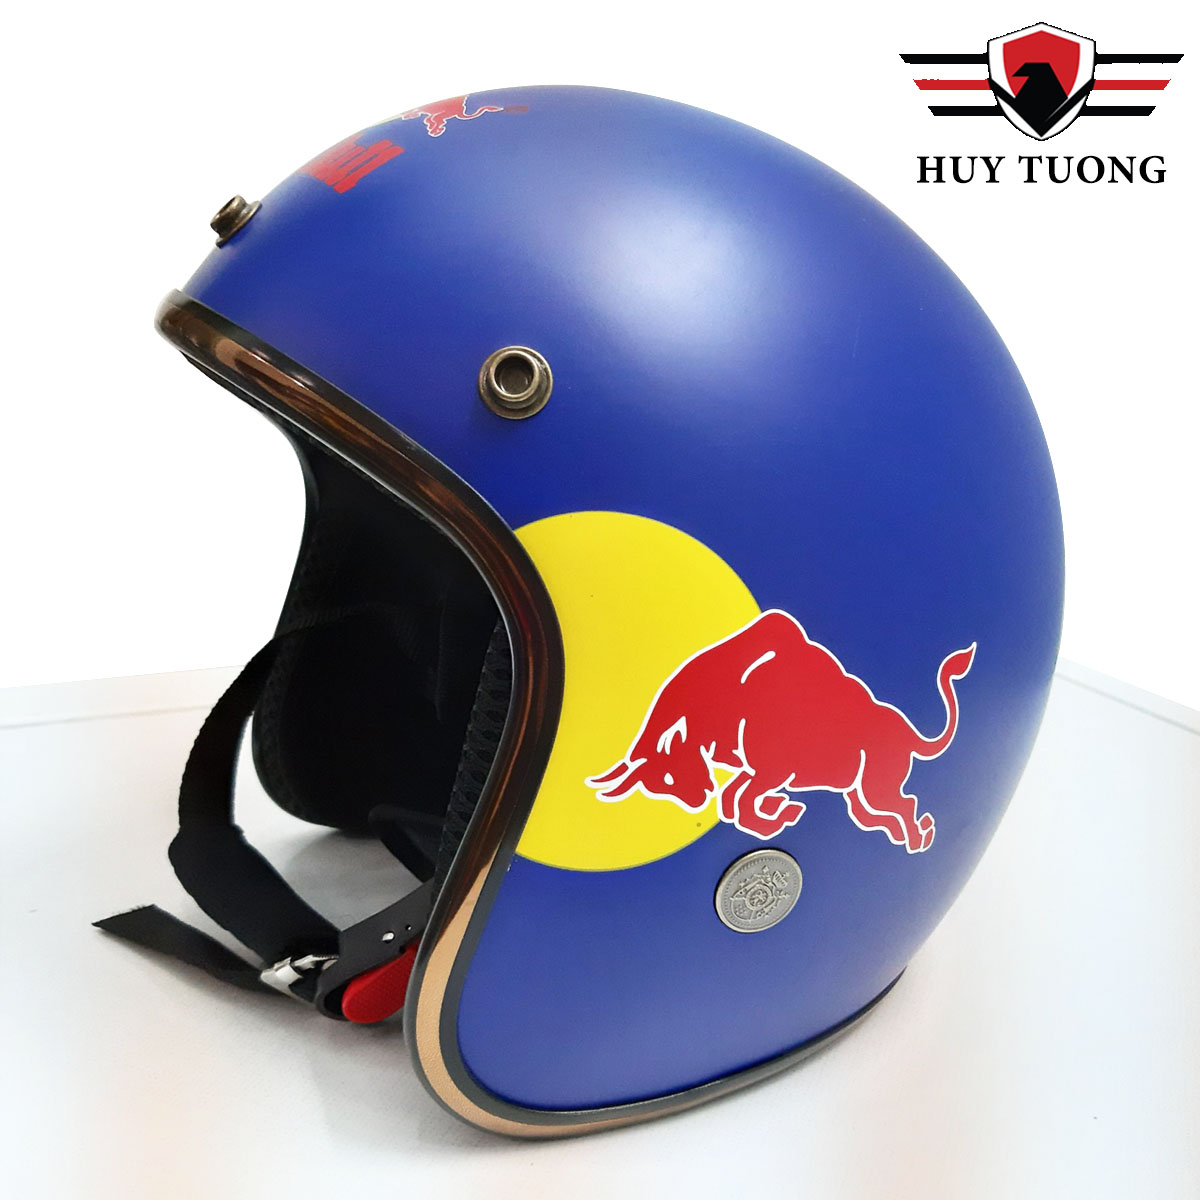 Nón bảo hiểm 3/4 Red Bull thể thao tặng kèm mũi gió gắn nón cao cấp - Huy Tưởng